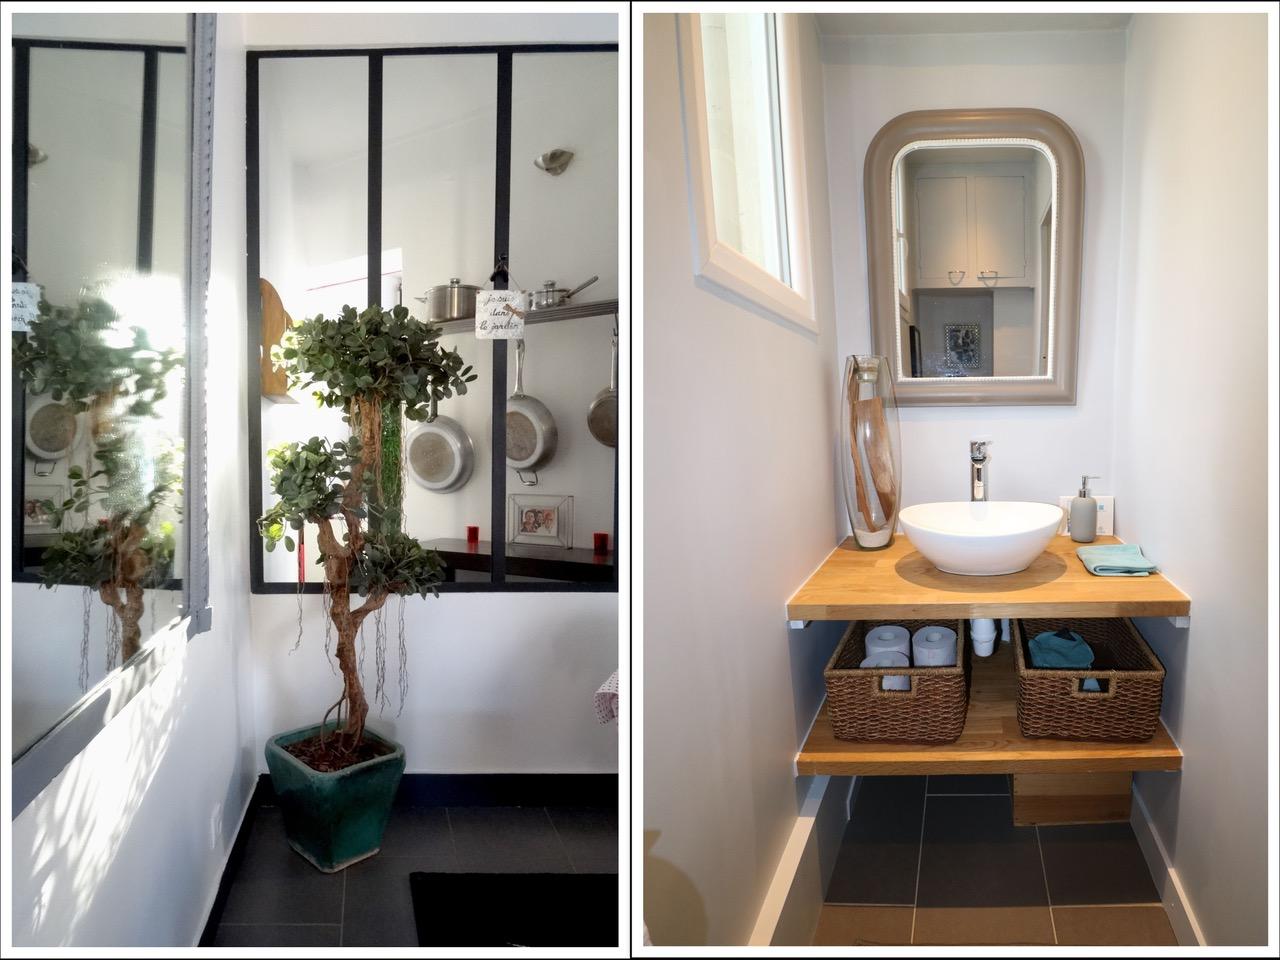 la-clef-des-villes-arnaud-mascarel-agence-immobiliere-chasseur-appartement- boulogne-billancourt-paris-16-villers-sur-mer-location-airbnb-estimation-gratuite-lave-mains